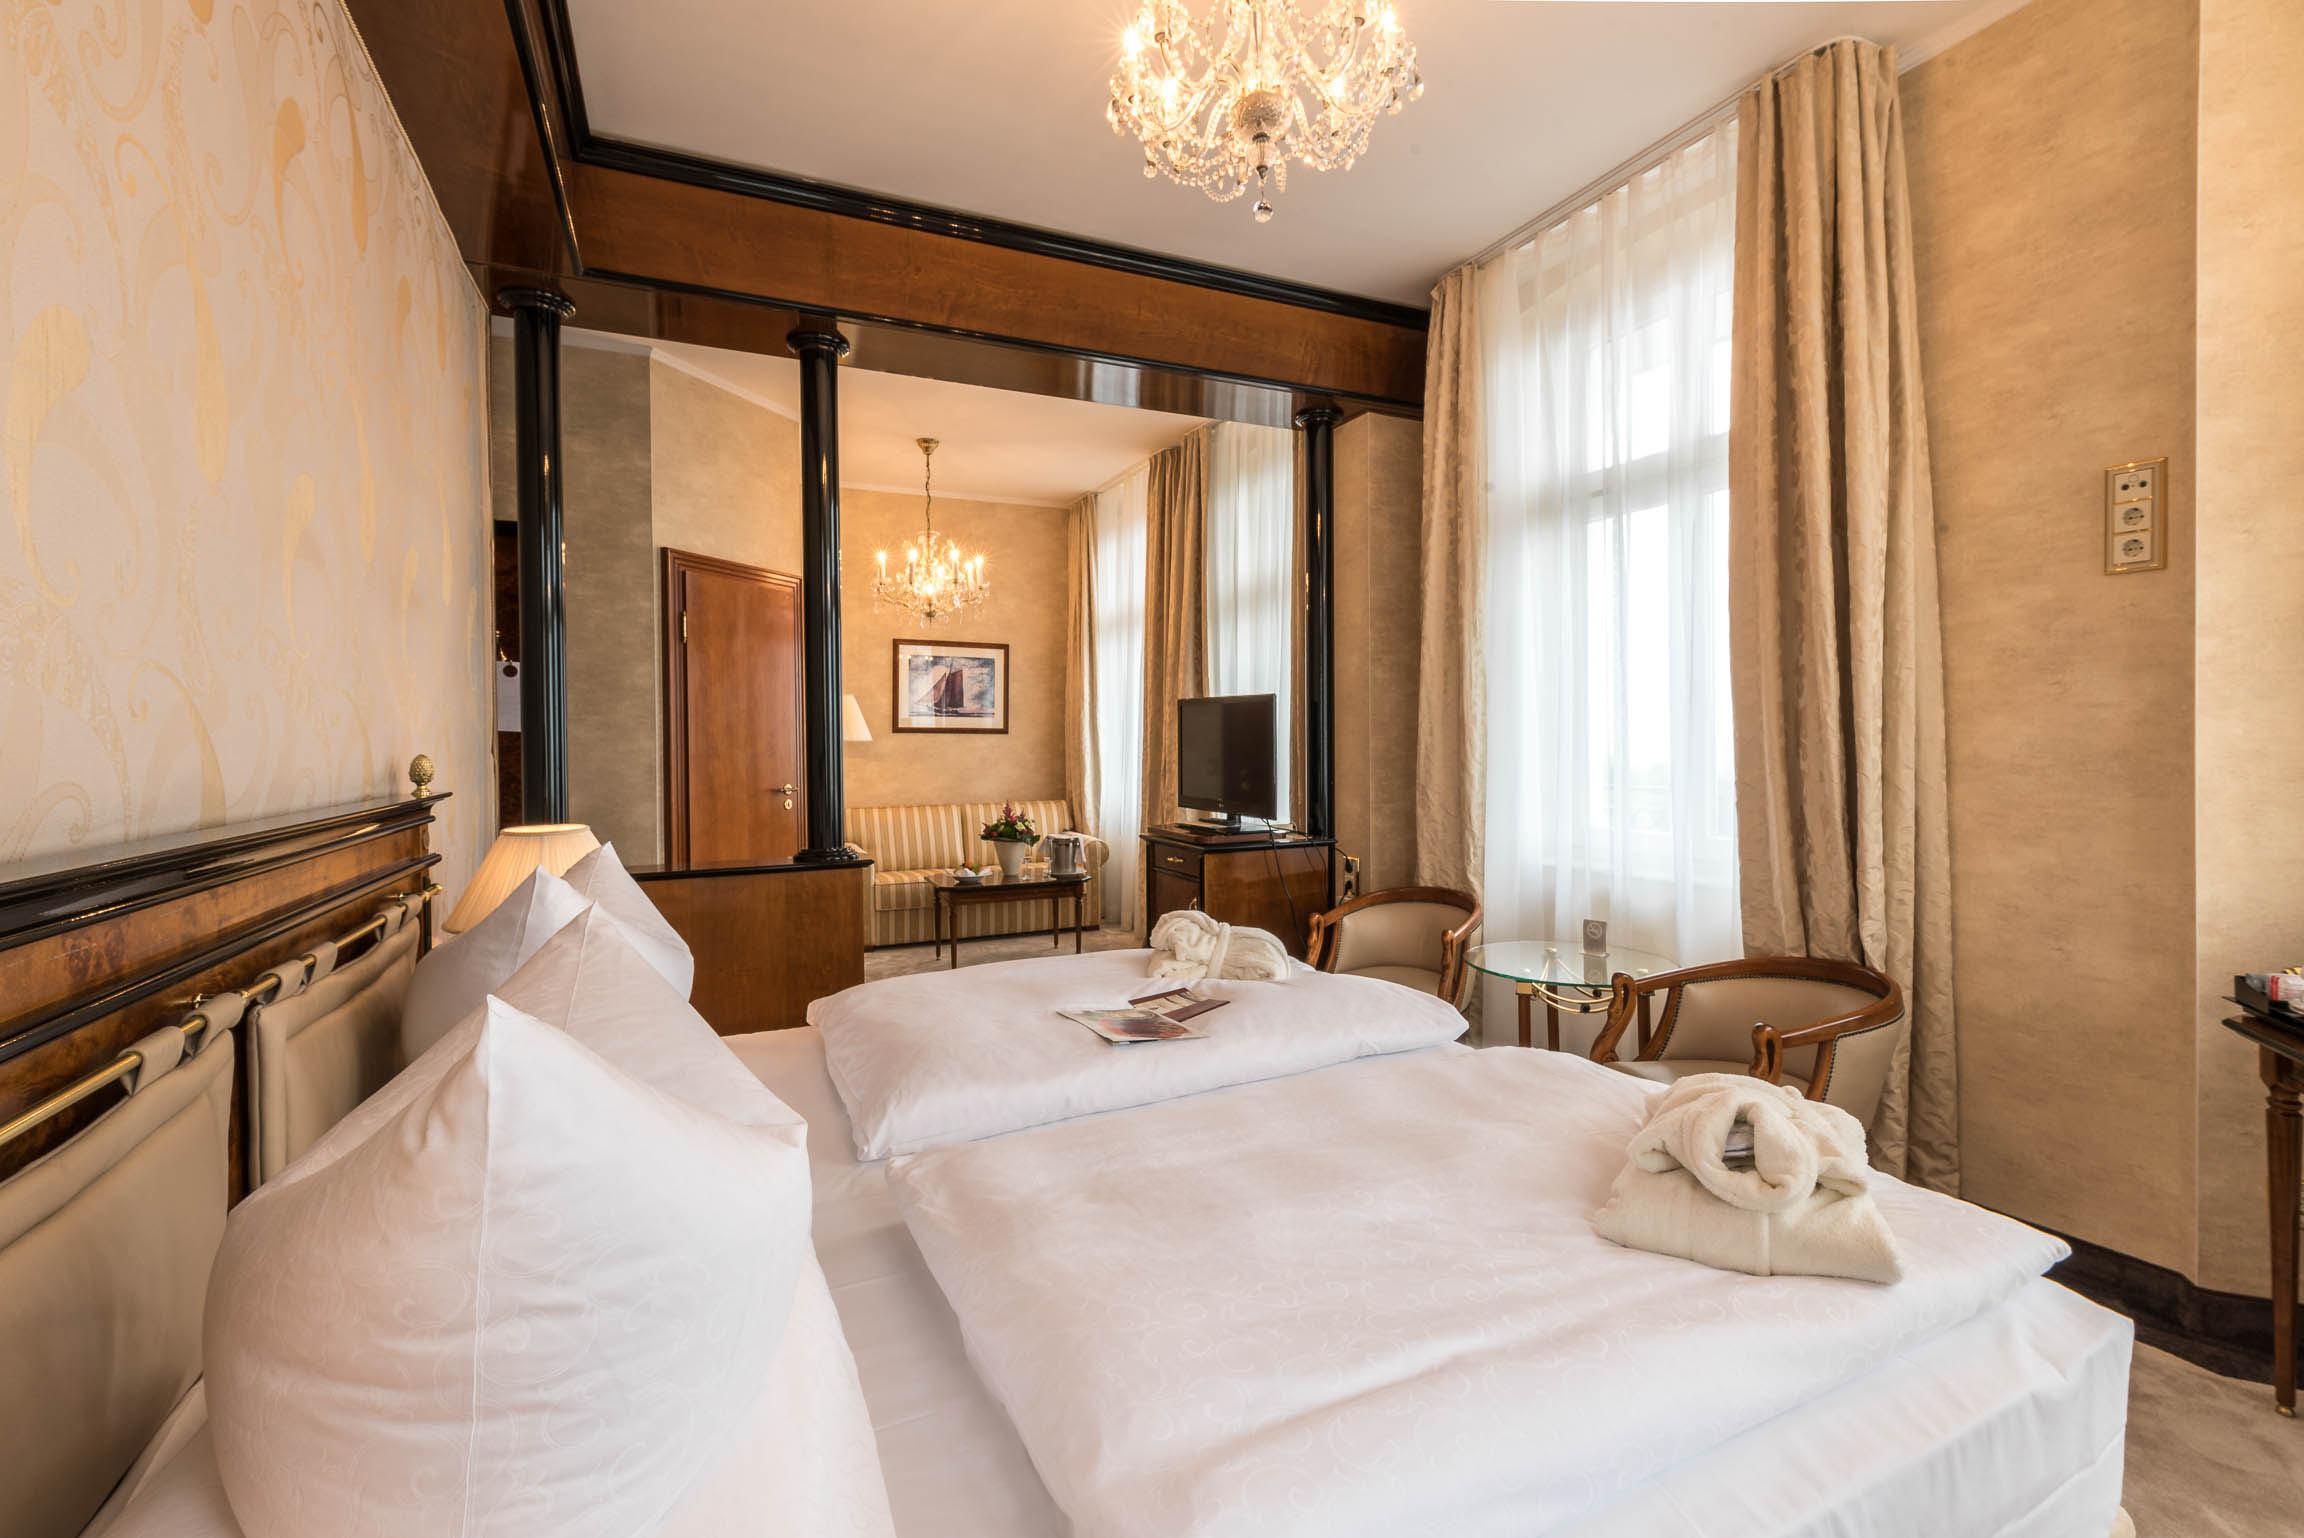 zimmer renovieren top literarisch wundersam zimmer renovieren zimmer renovierung reihenfolge. Black Bedroom Furniture Sets. Home Design Ideas